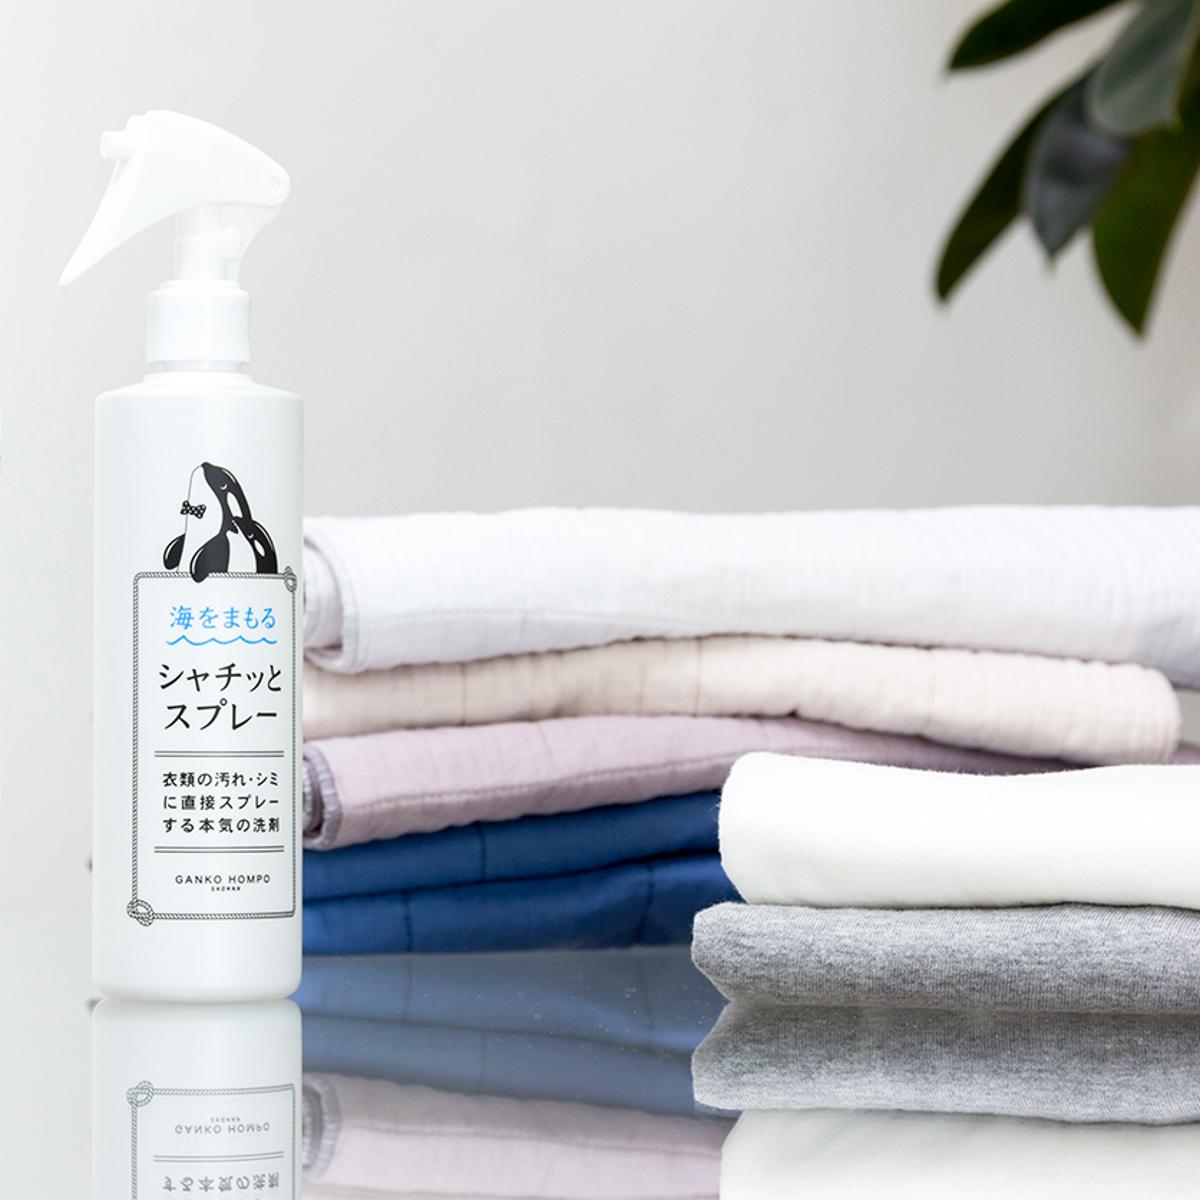 これからは『洗い分け不要』の時代 | 綿もカシミアも一緒に洗えて、すすぎの手間いらず